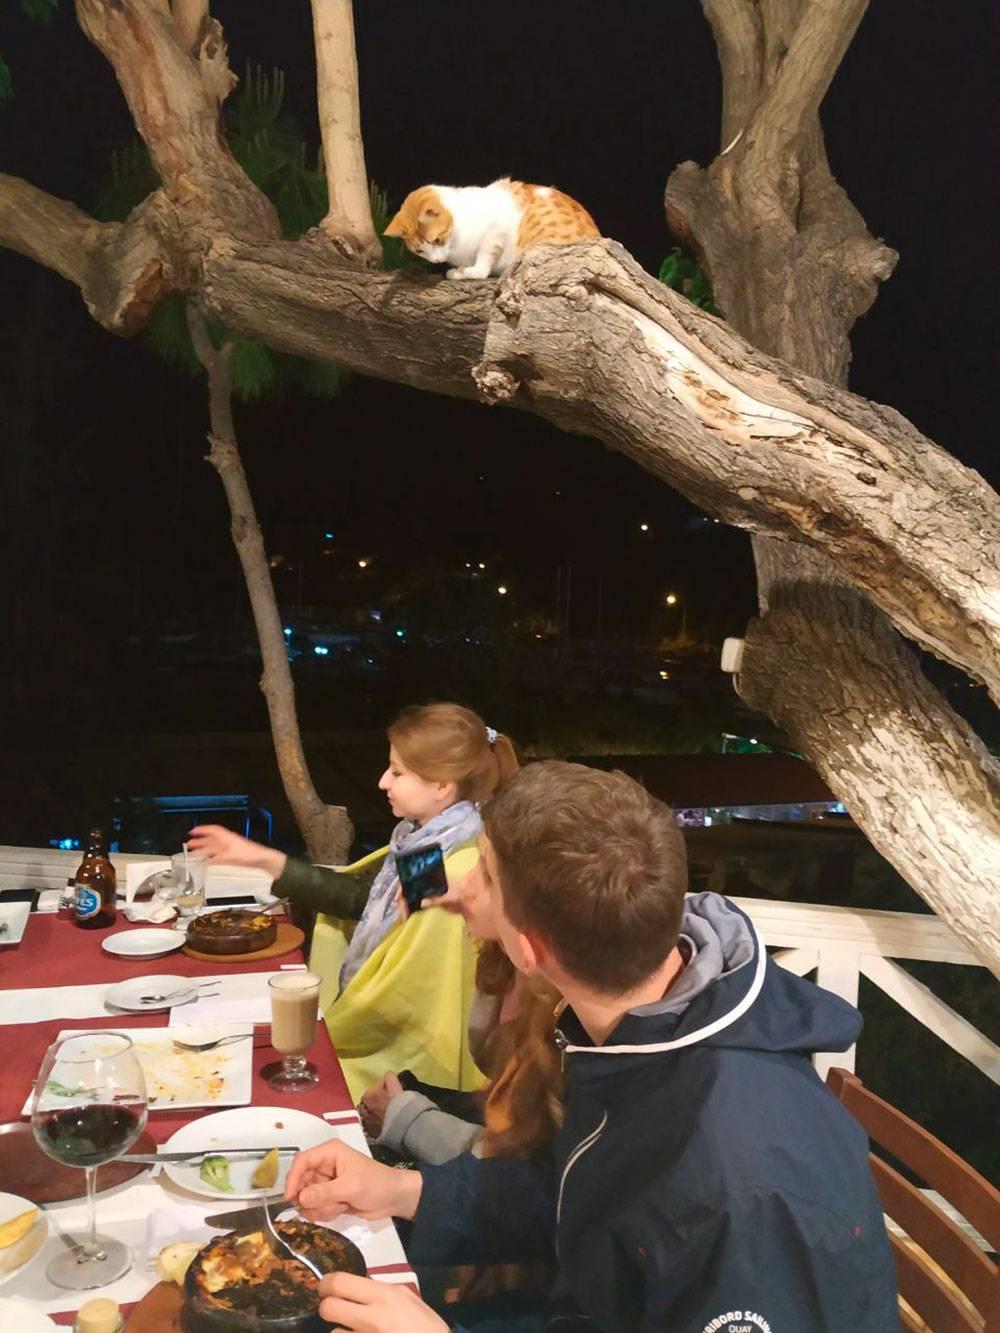 Шерстяные гости ресторана «Акин». Предложили коту стейк, он отказался — видимо, рассчитывал на креветок